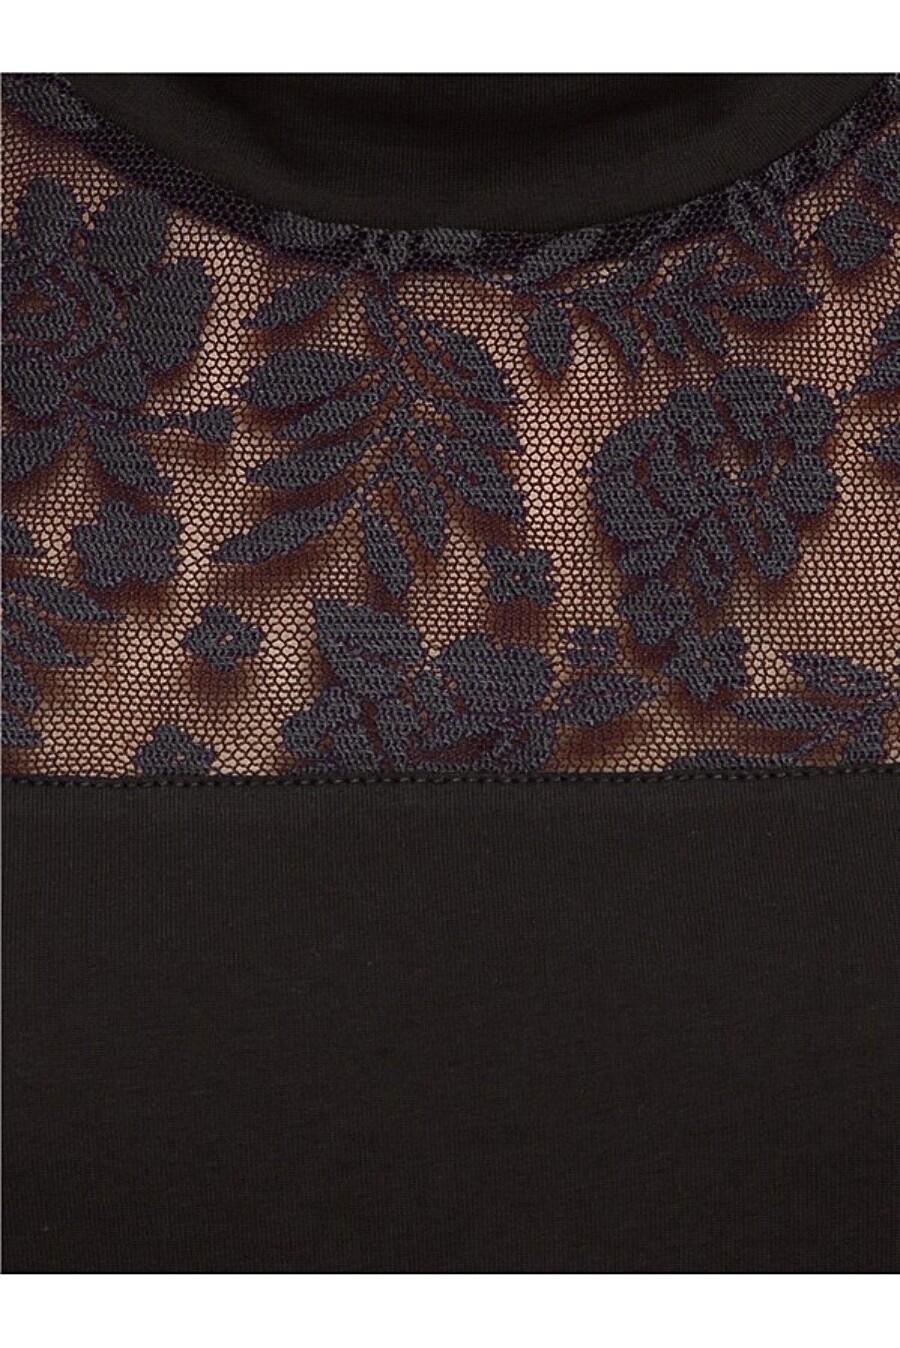 Водолазка  для женщин Archi 272696 купить оптом от производителя. Совместная покупка женской одежды в OptMoyo